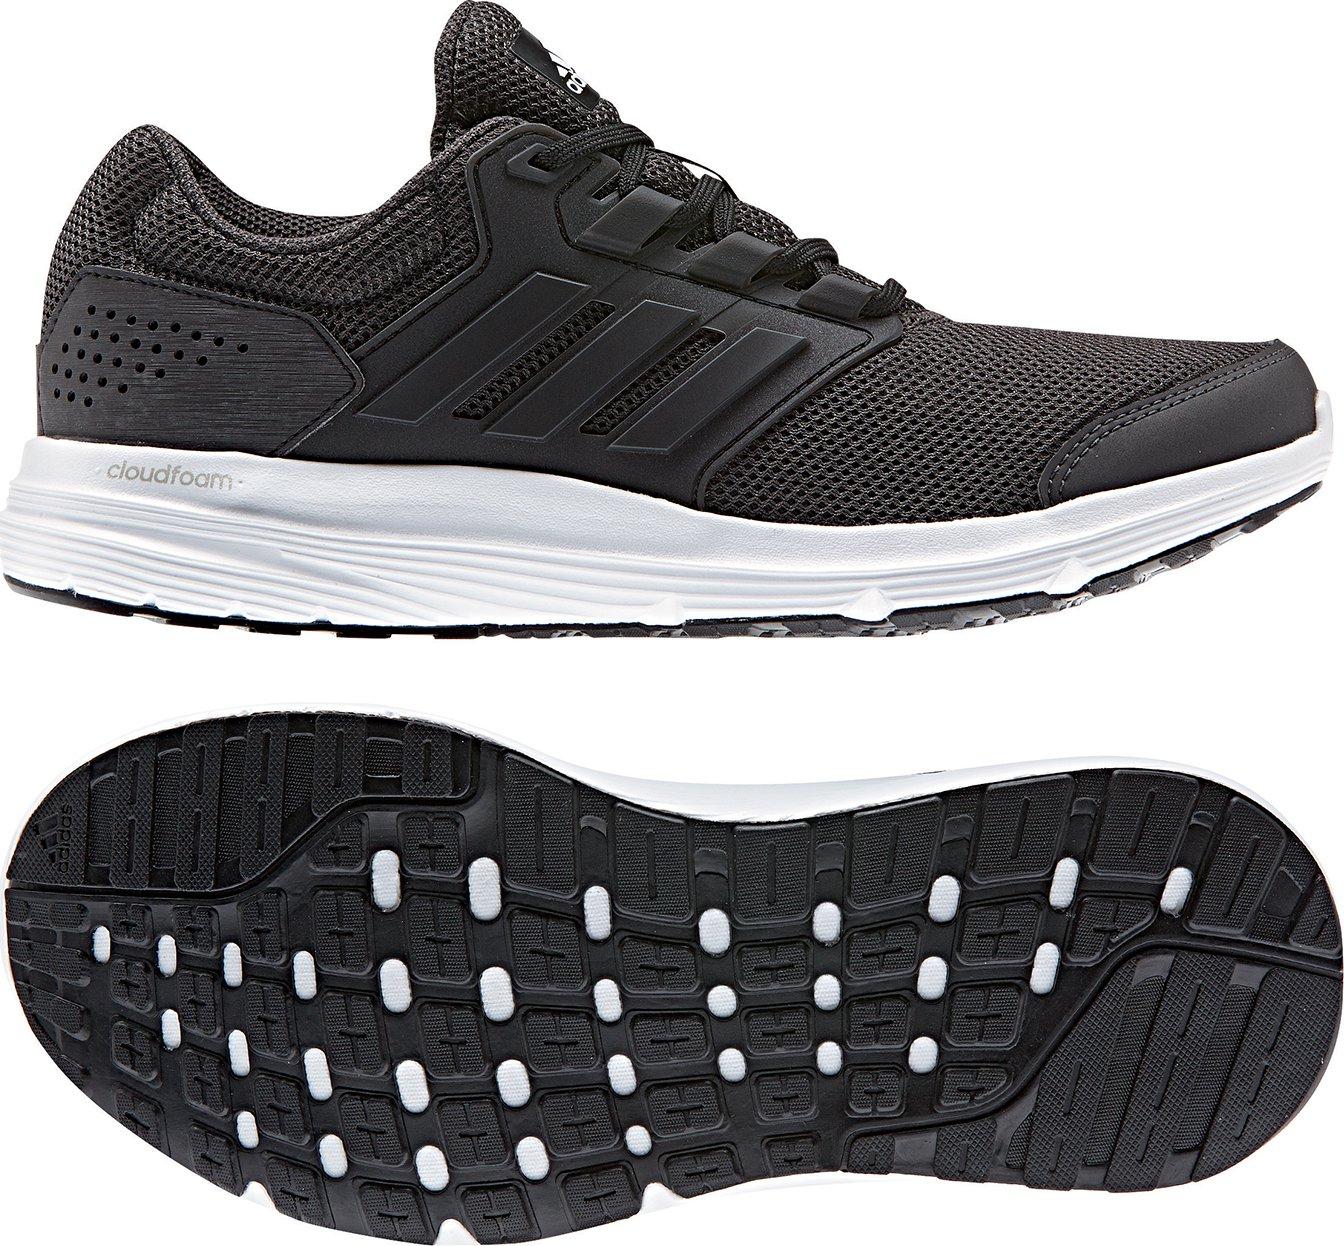 Adidas Galaxy 4 W černá bílá od 899 Kč • Zboží.cz 49c996c2d0